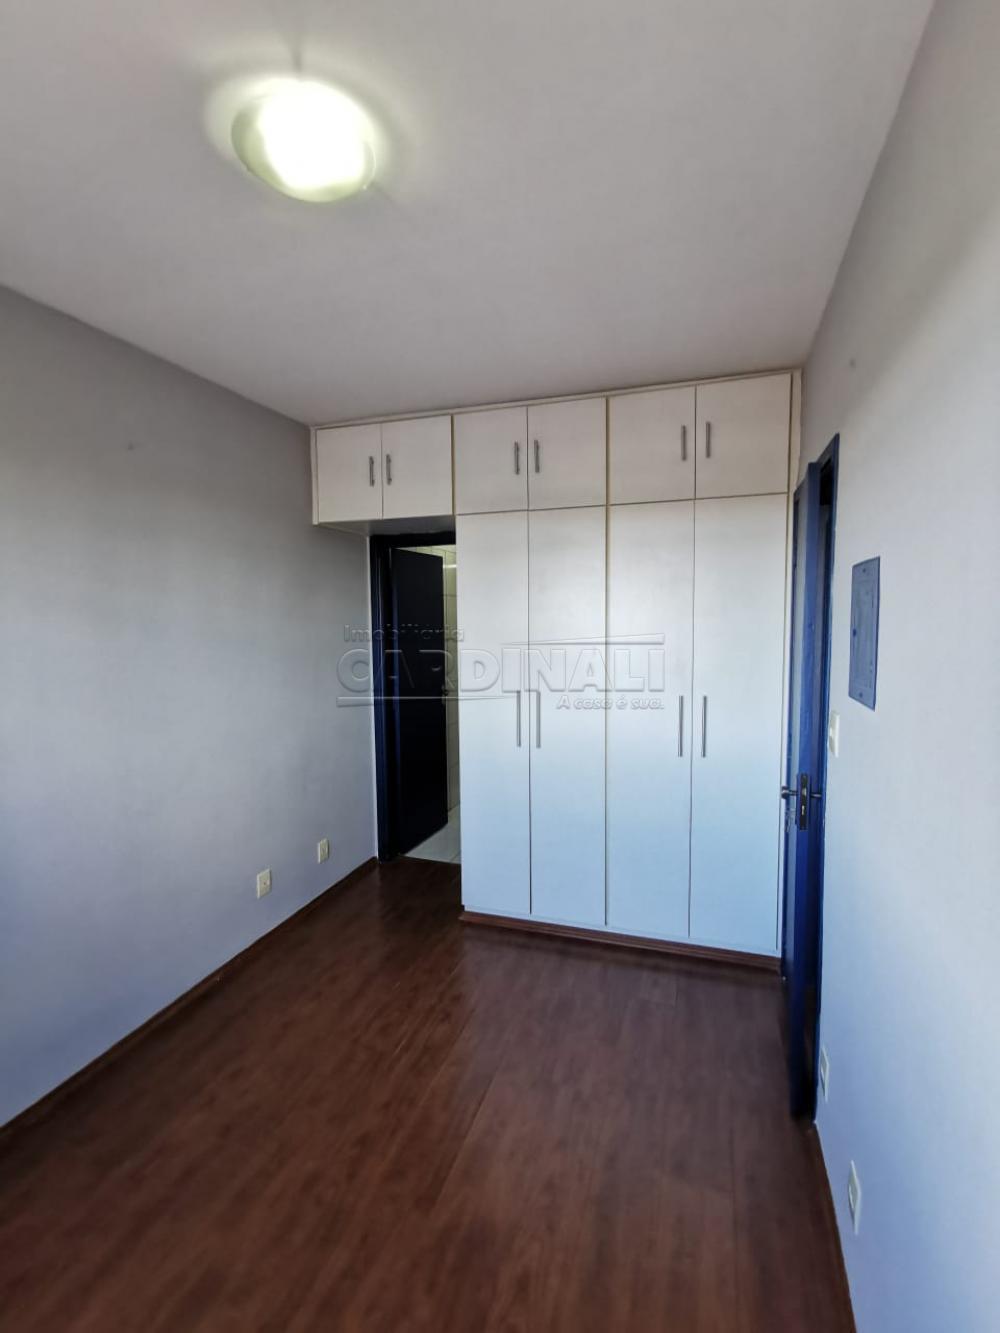 Alugar Apartamento / Padrão em Araraquara R$ 700,00 - Foto 14